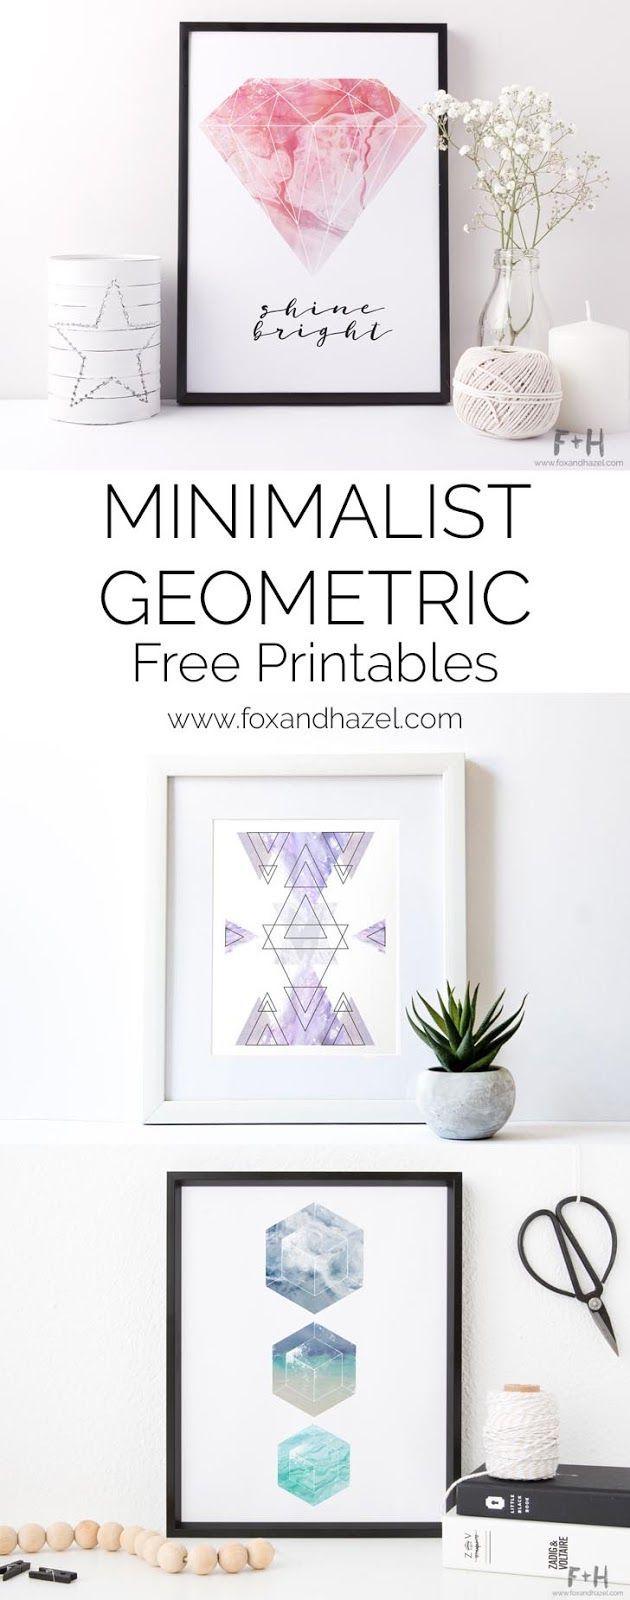 3 free geometric minimalist art prints is part of Geometric art prints - 3 Free Geometric Minimalist Art Prints Minimalistart DIY